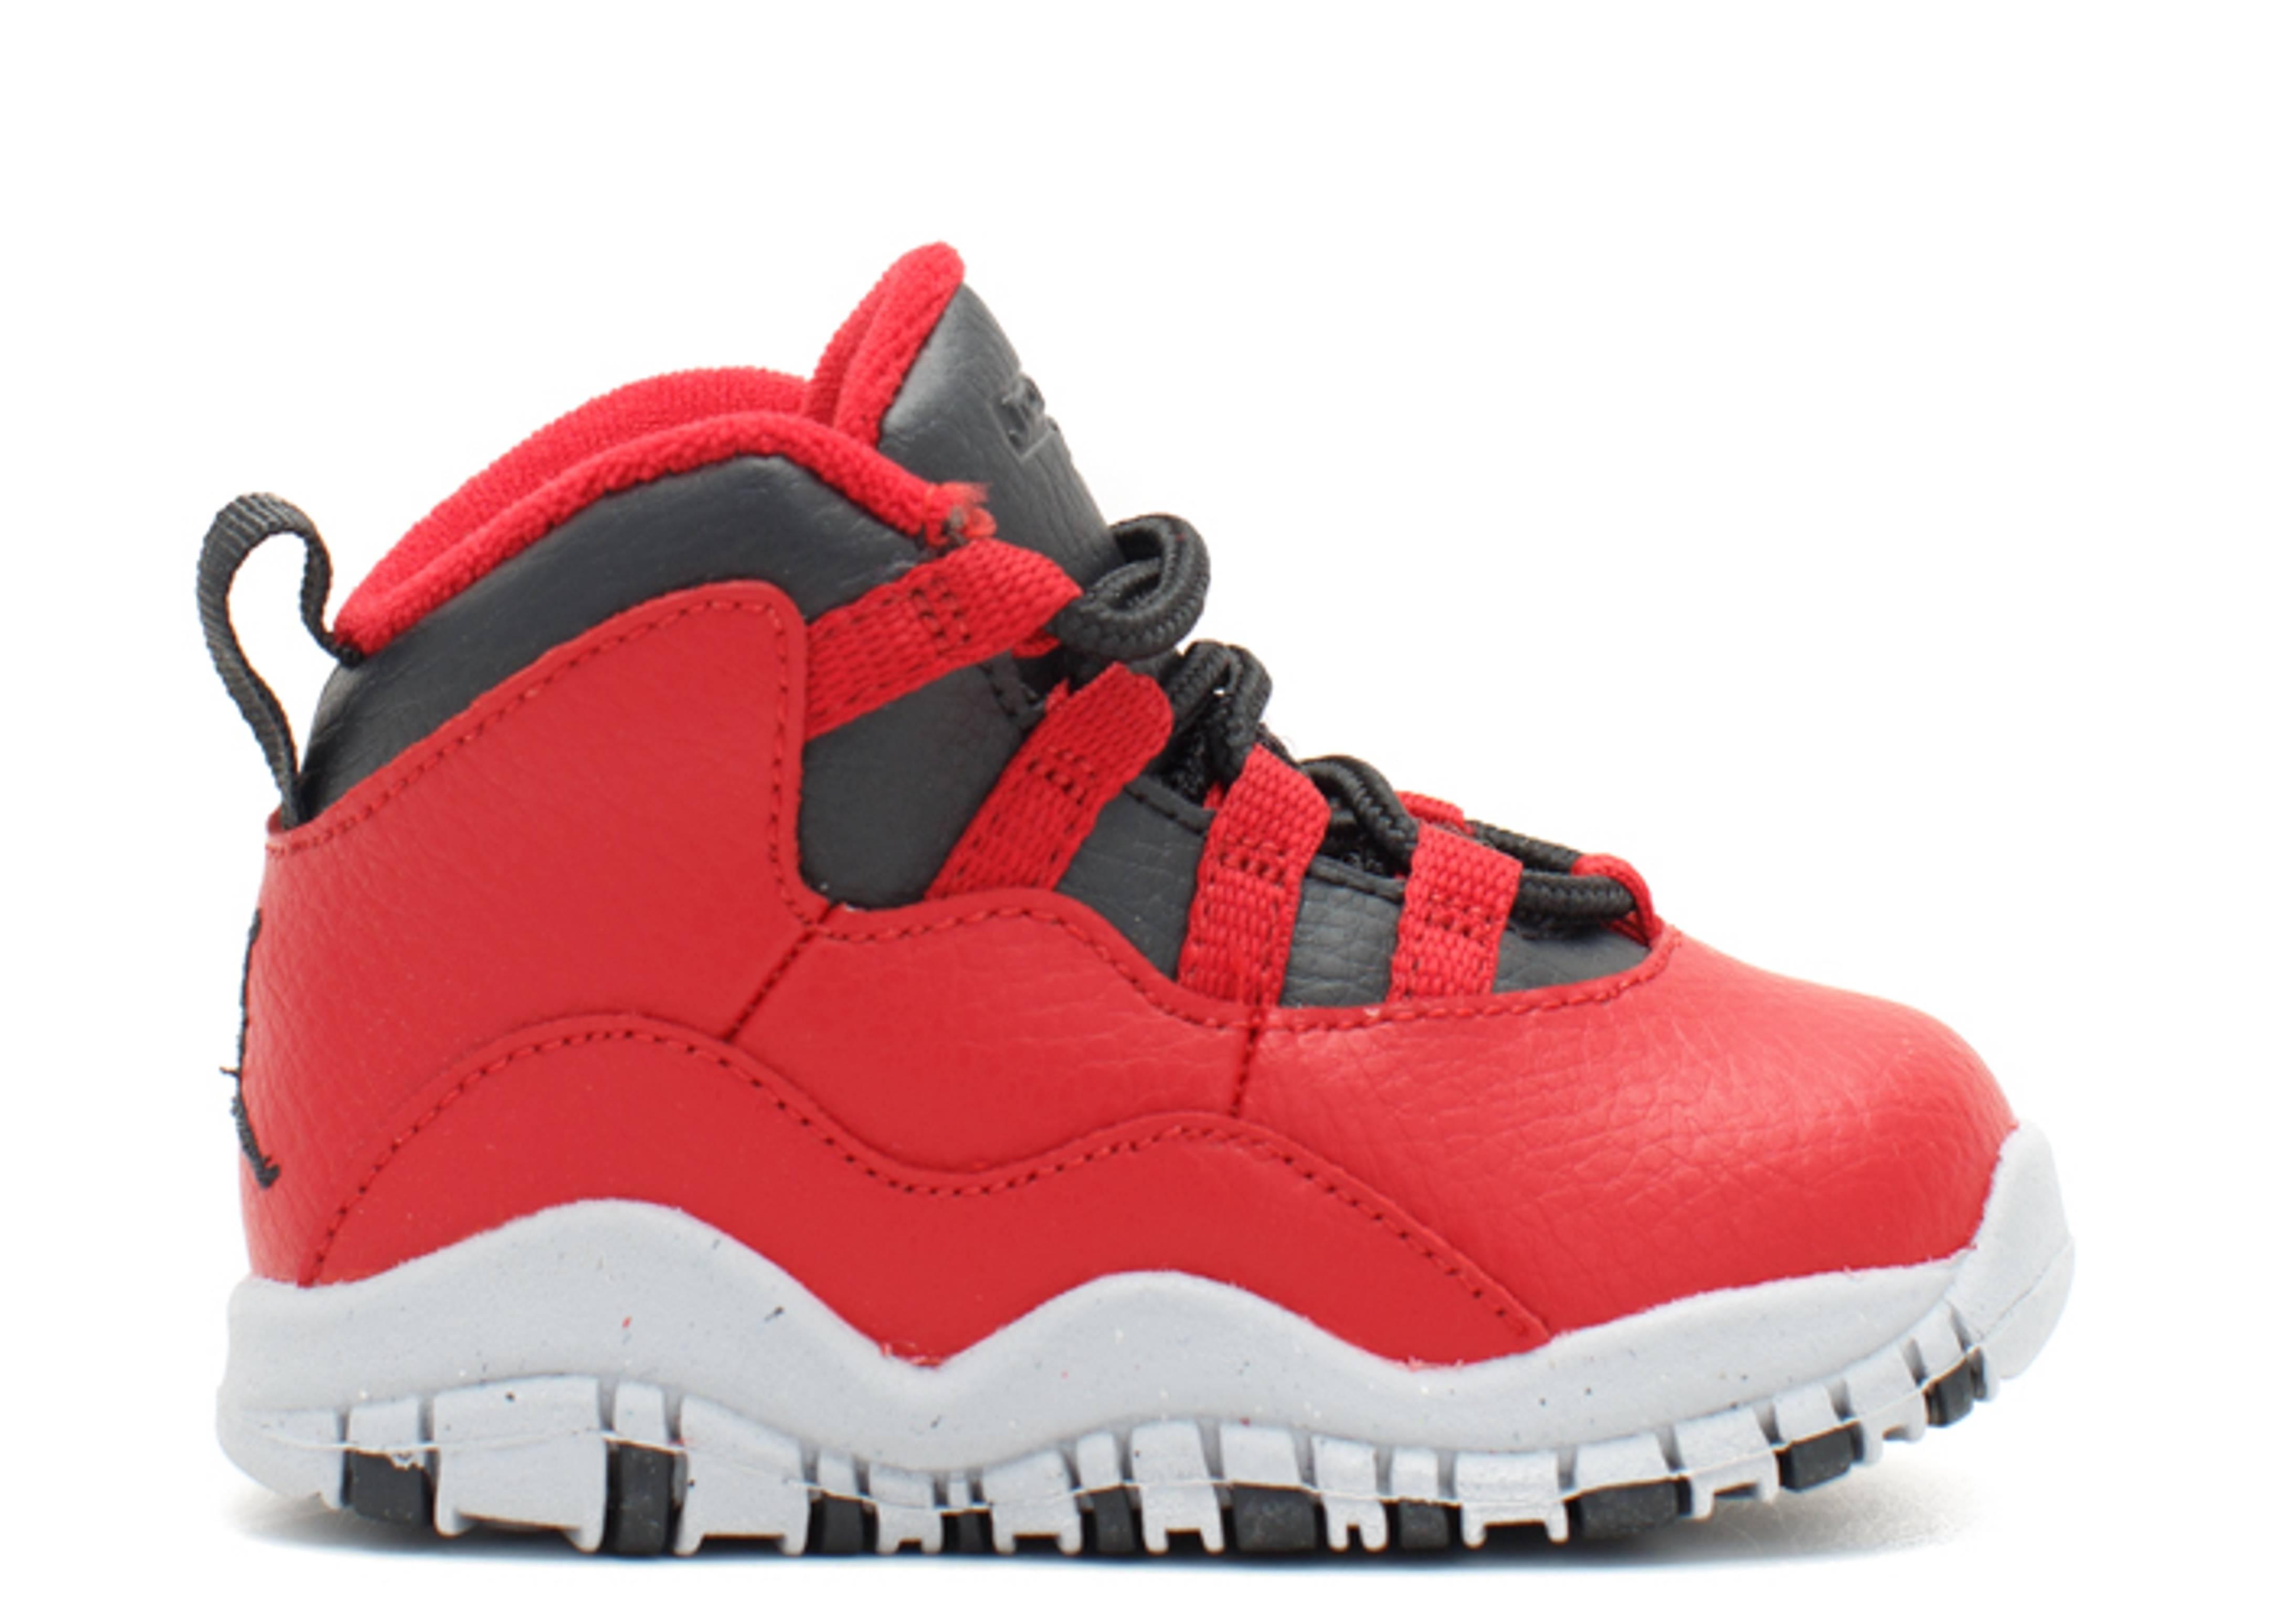 b10faaca27b Jordan 10 Retro Bp